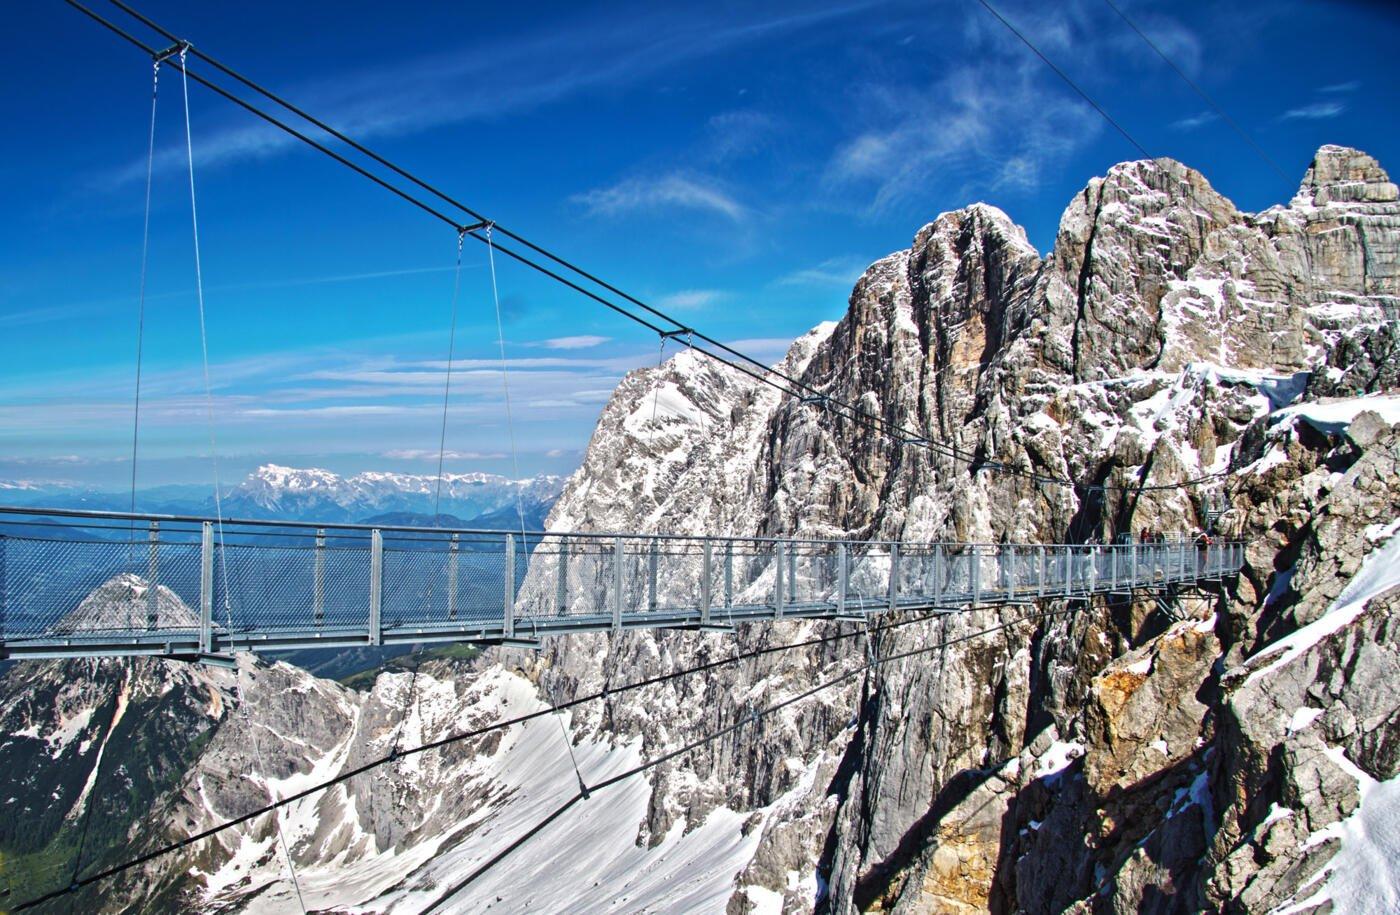 Urlaub am Dachstein Gletscher – Ewiges Eis in den Alpen